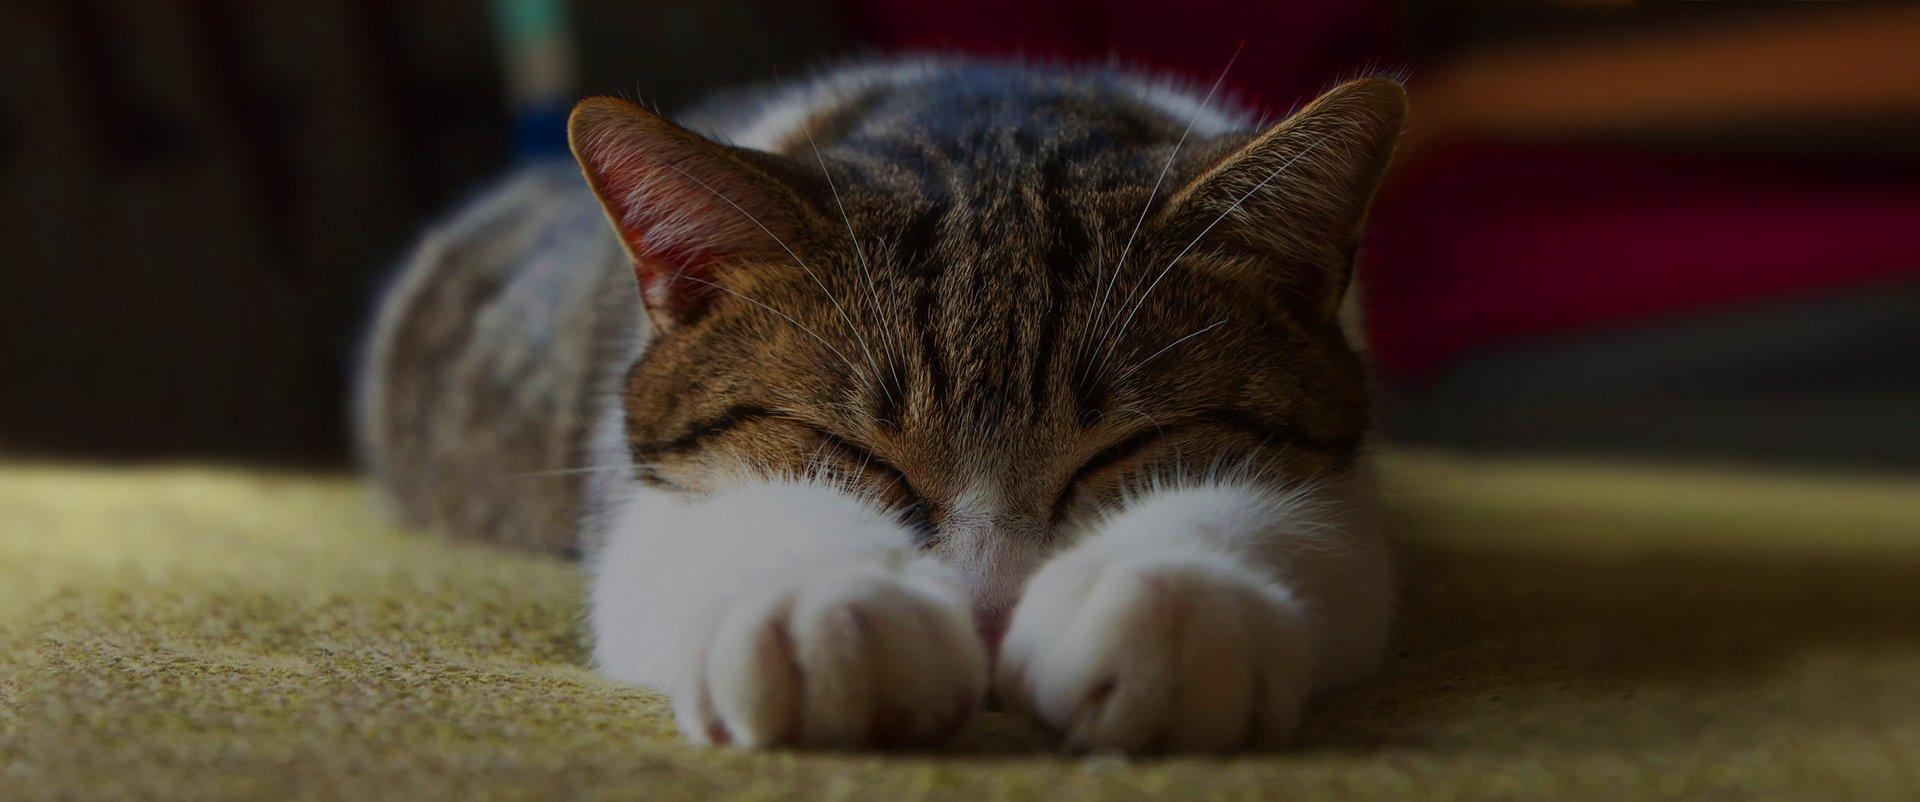 Pet day care | Pet sitting | Cat hotel | Cat sitting | Cat